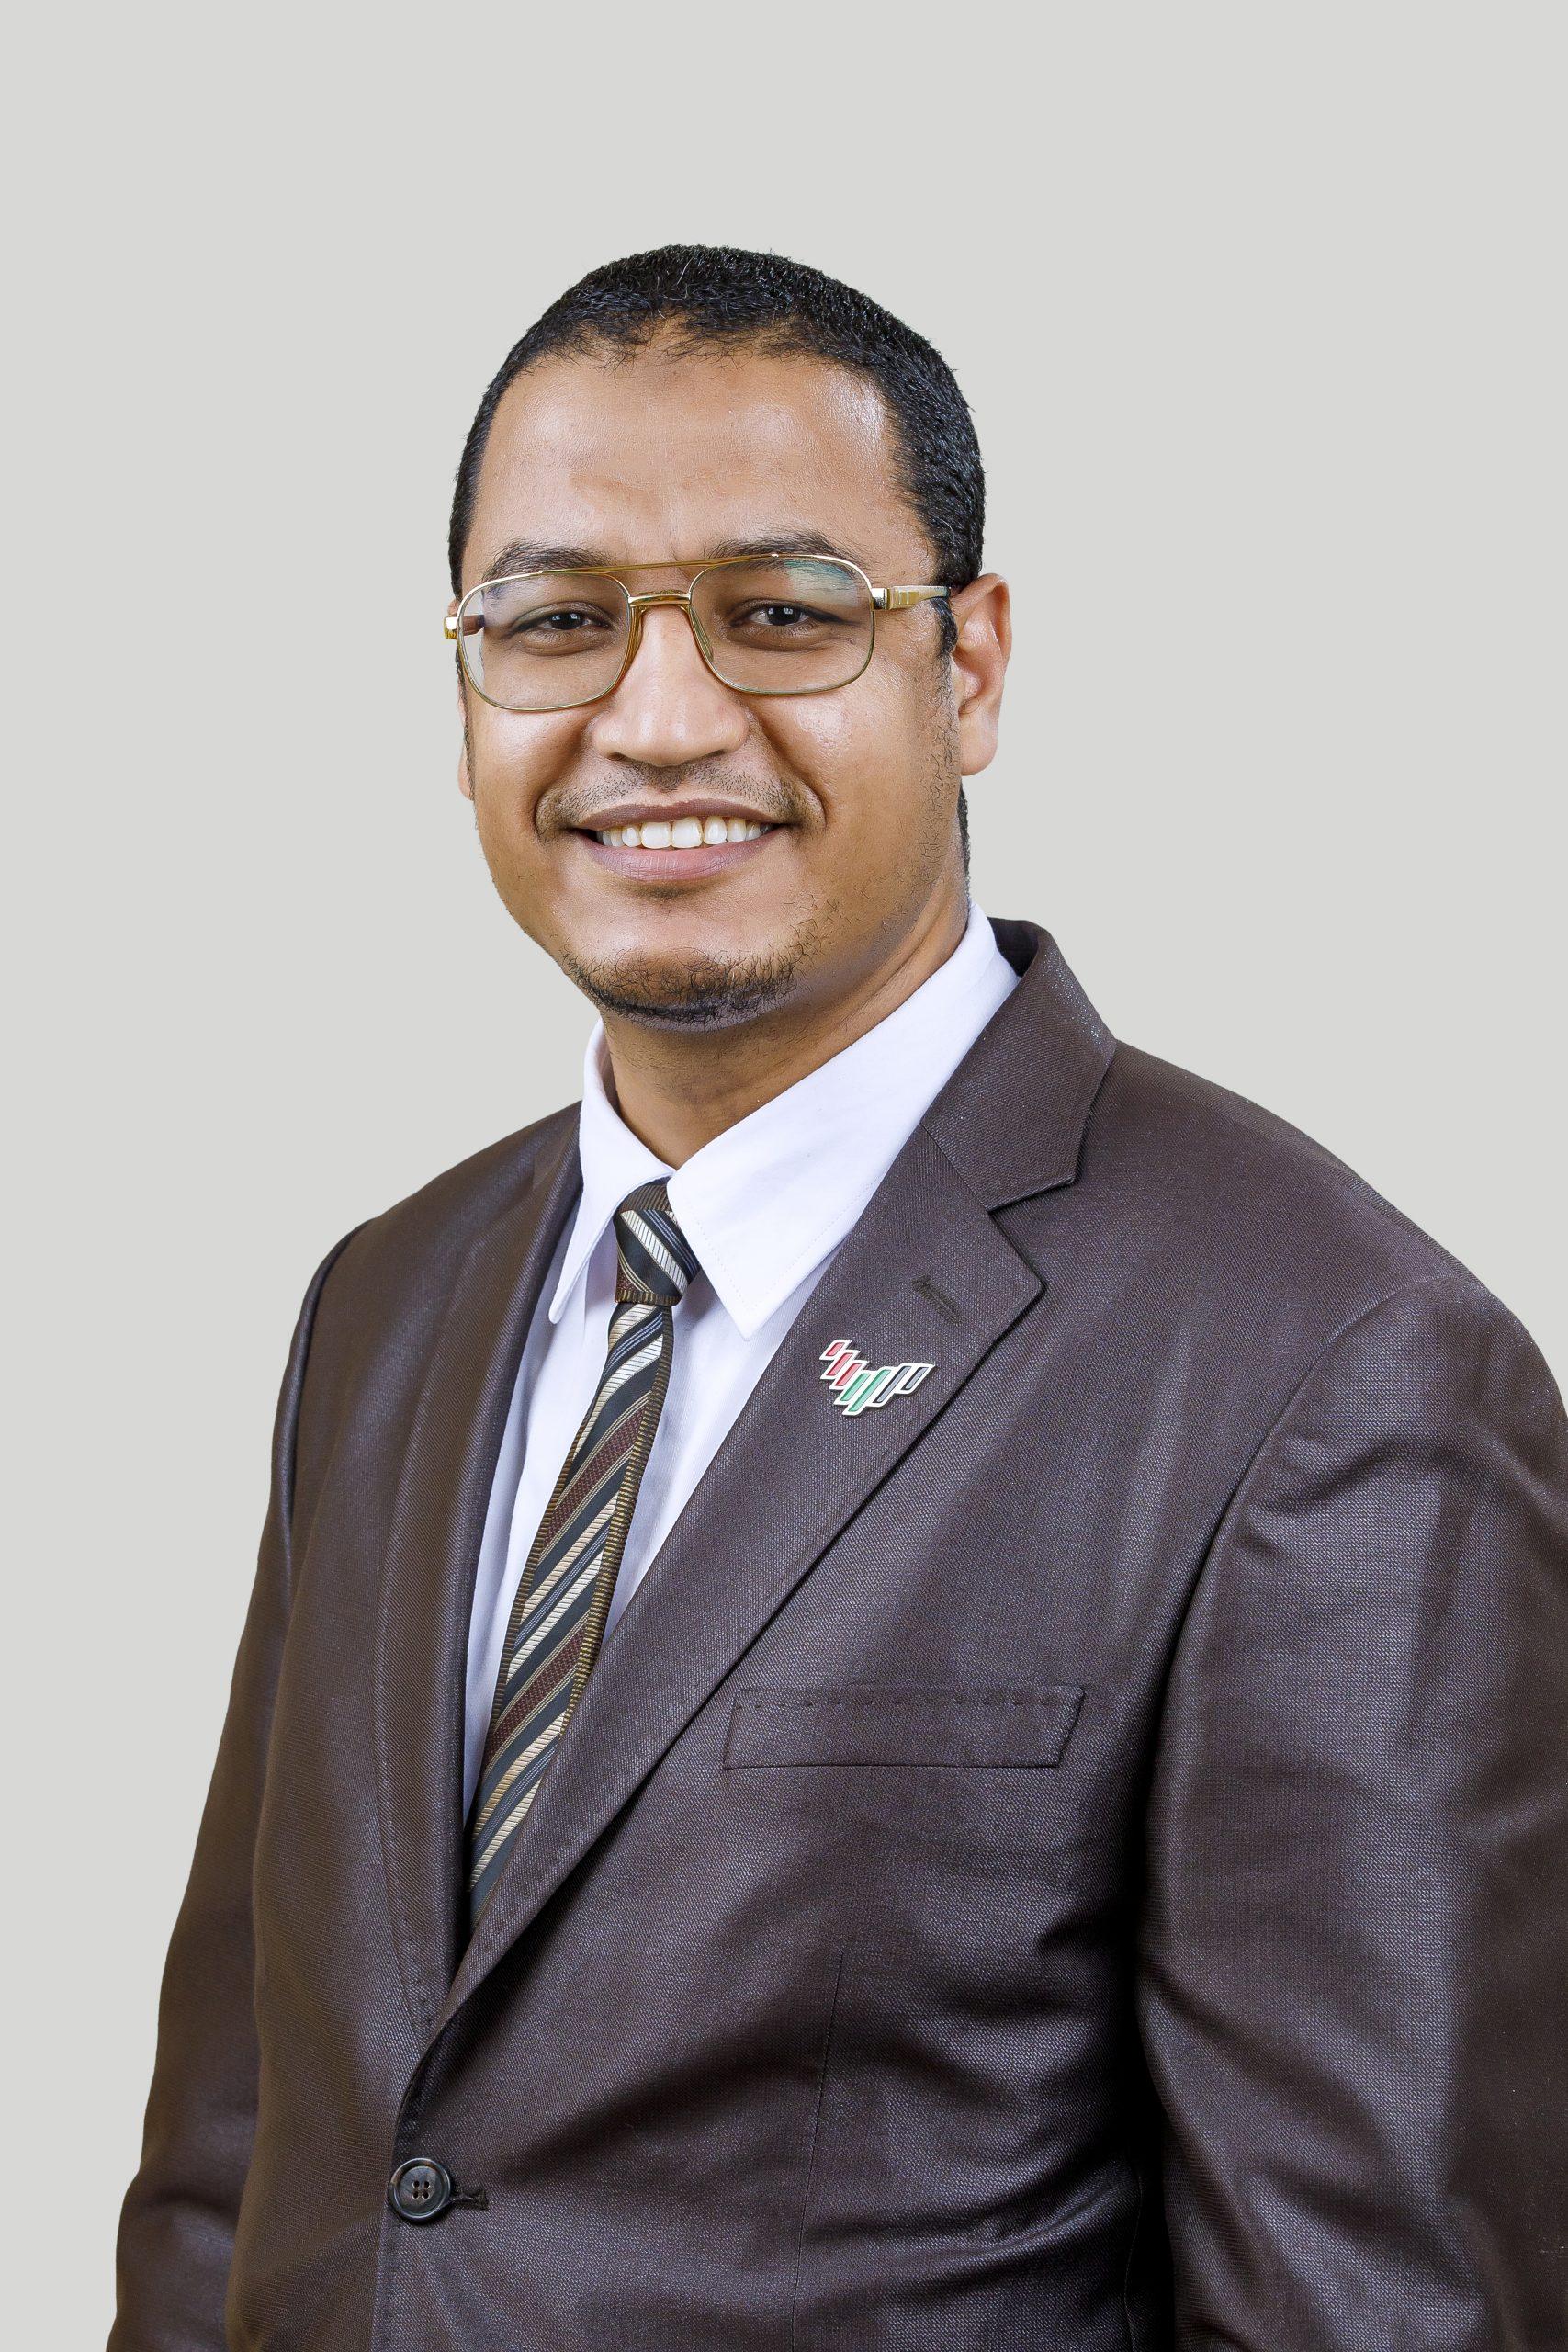 Dr. Redouane El Hasry